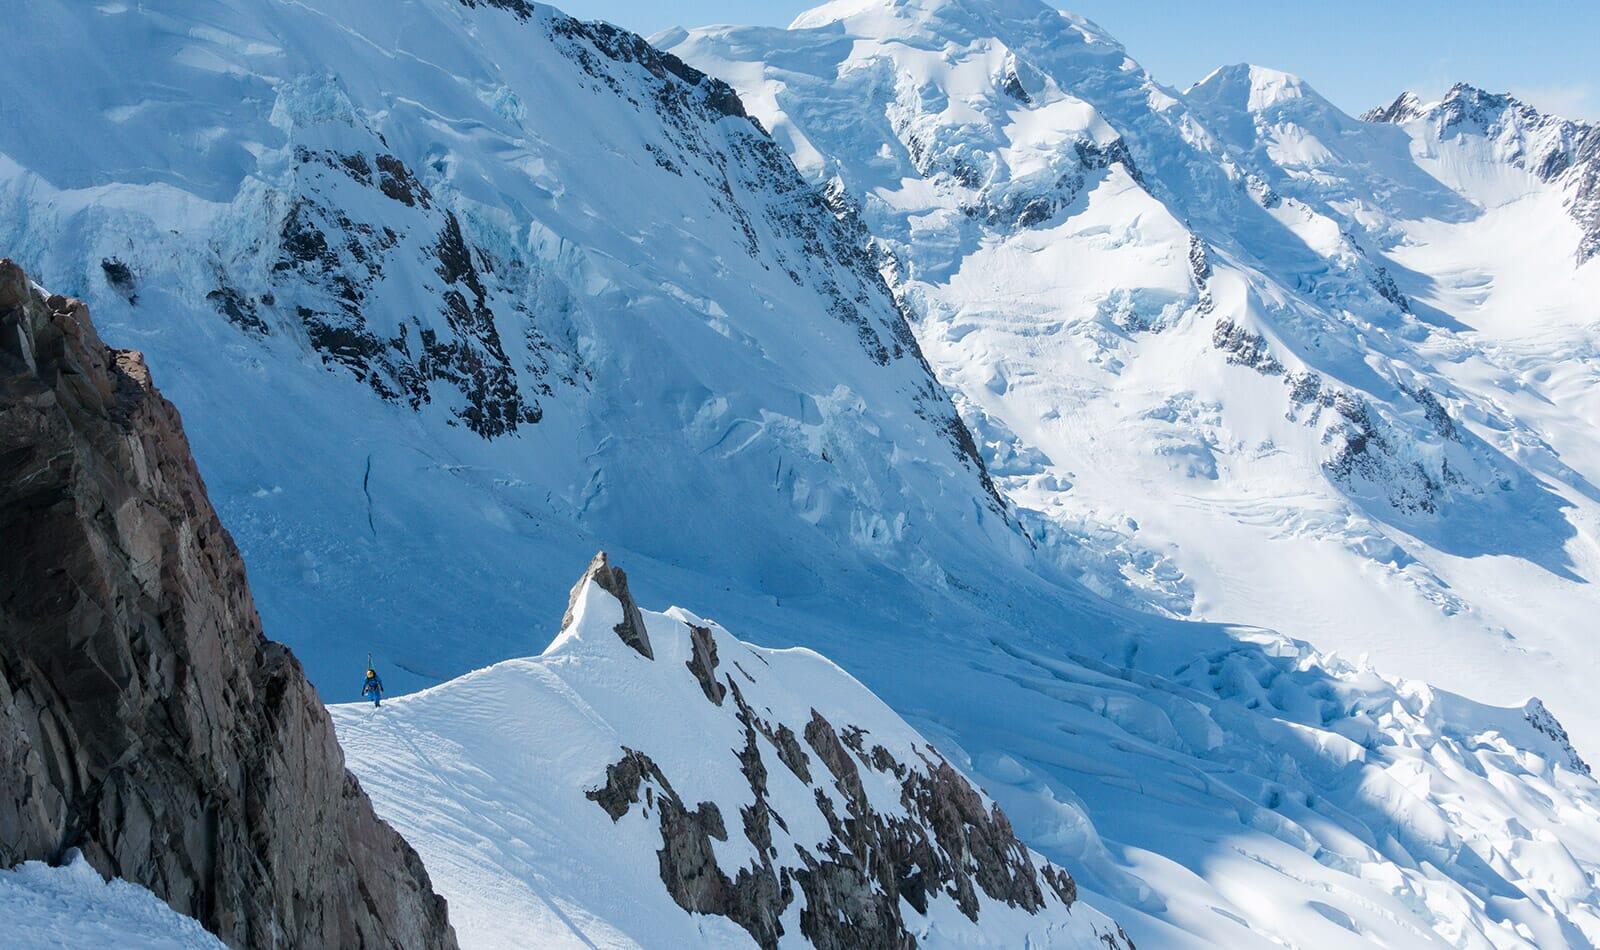 Adventure Skiing in New Zealand – Ross Hewitt